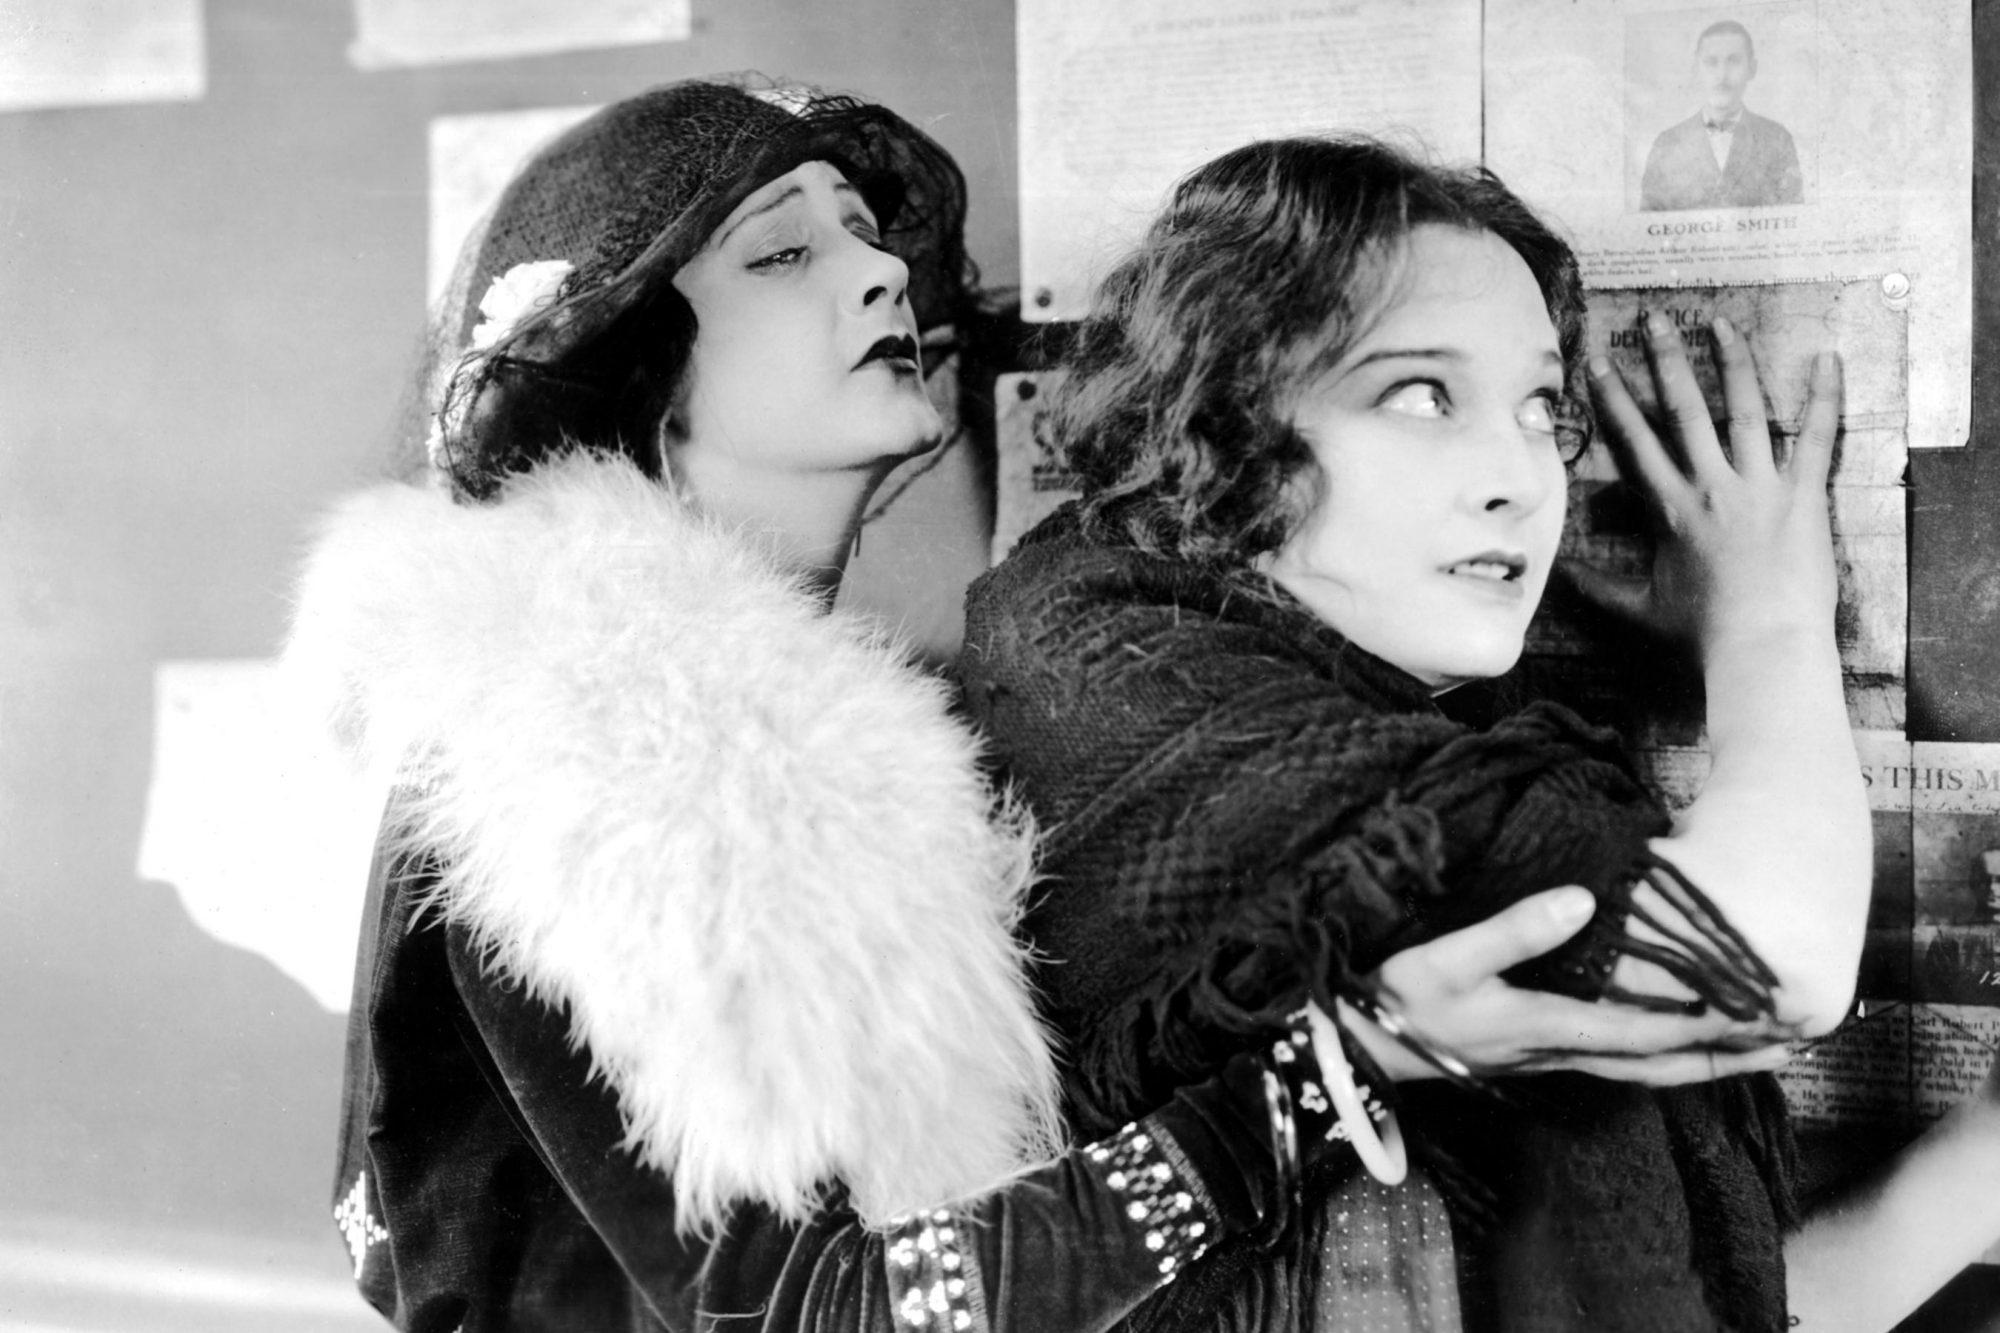 SOULS FOR SALE, Barbara La Marr, Eleanor Boardman, 1923